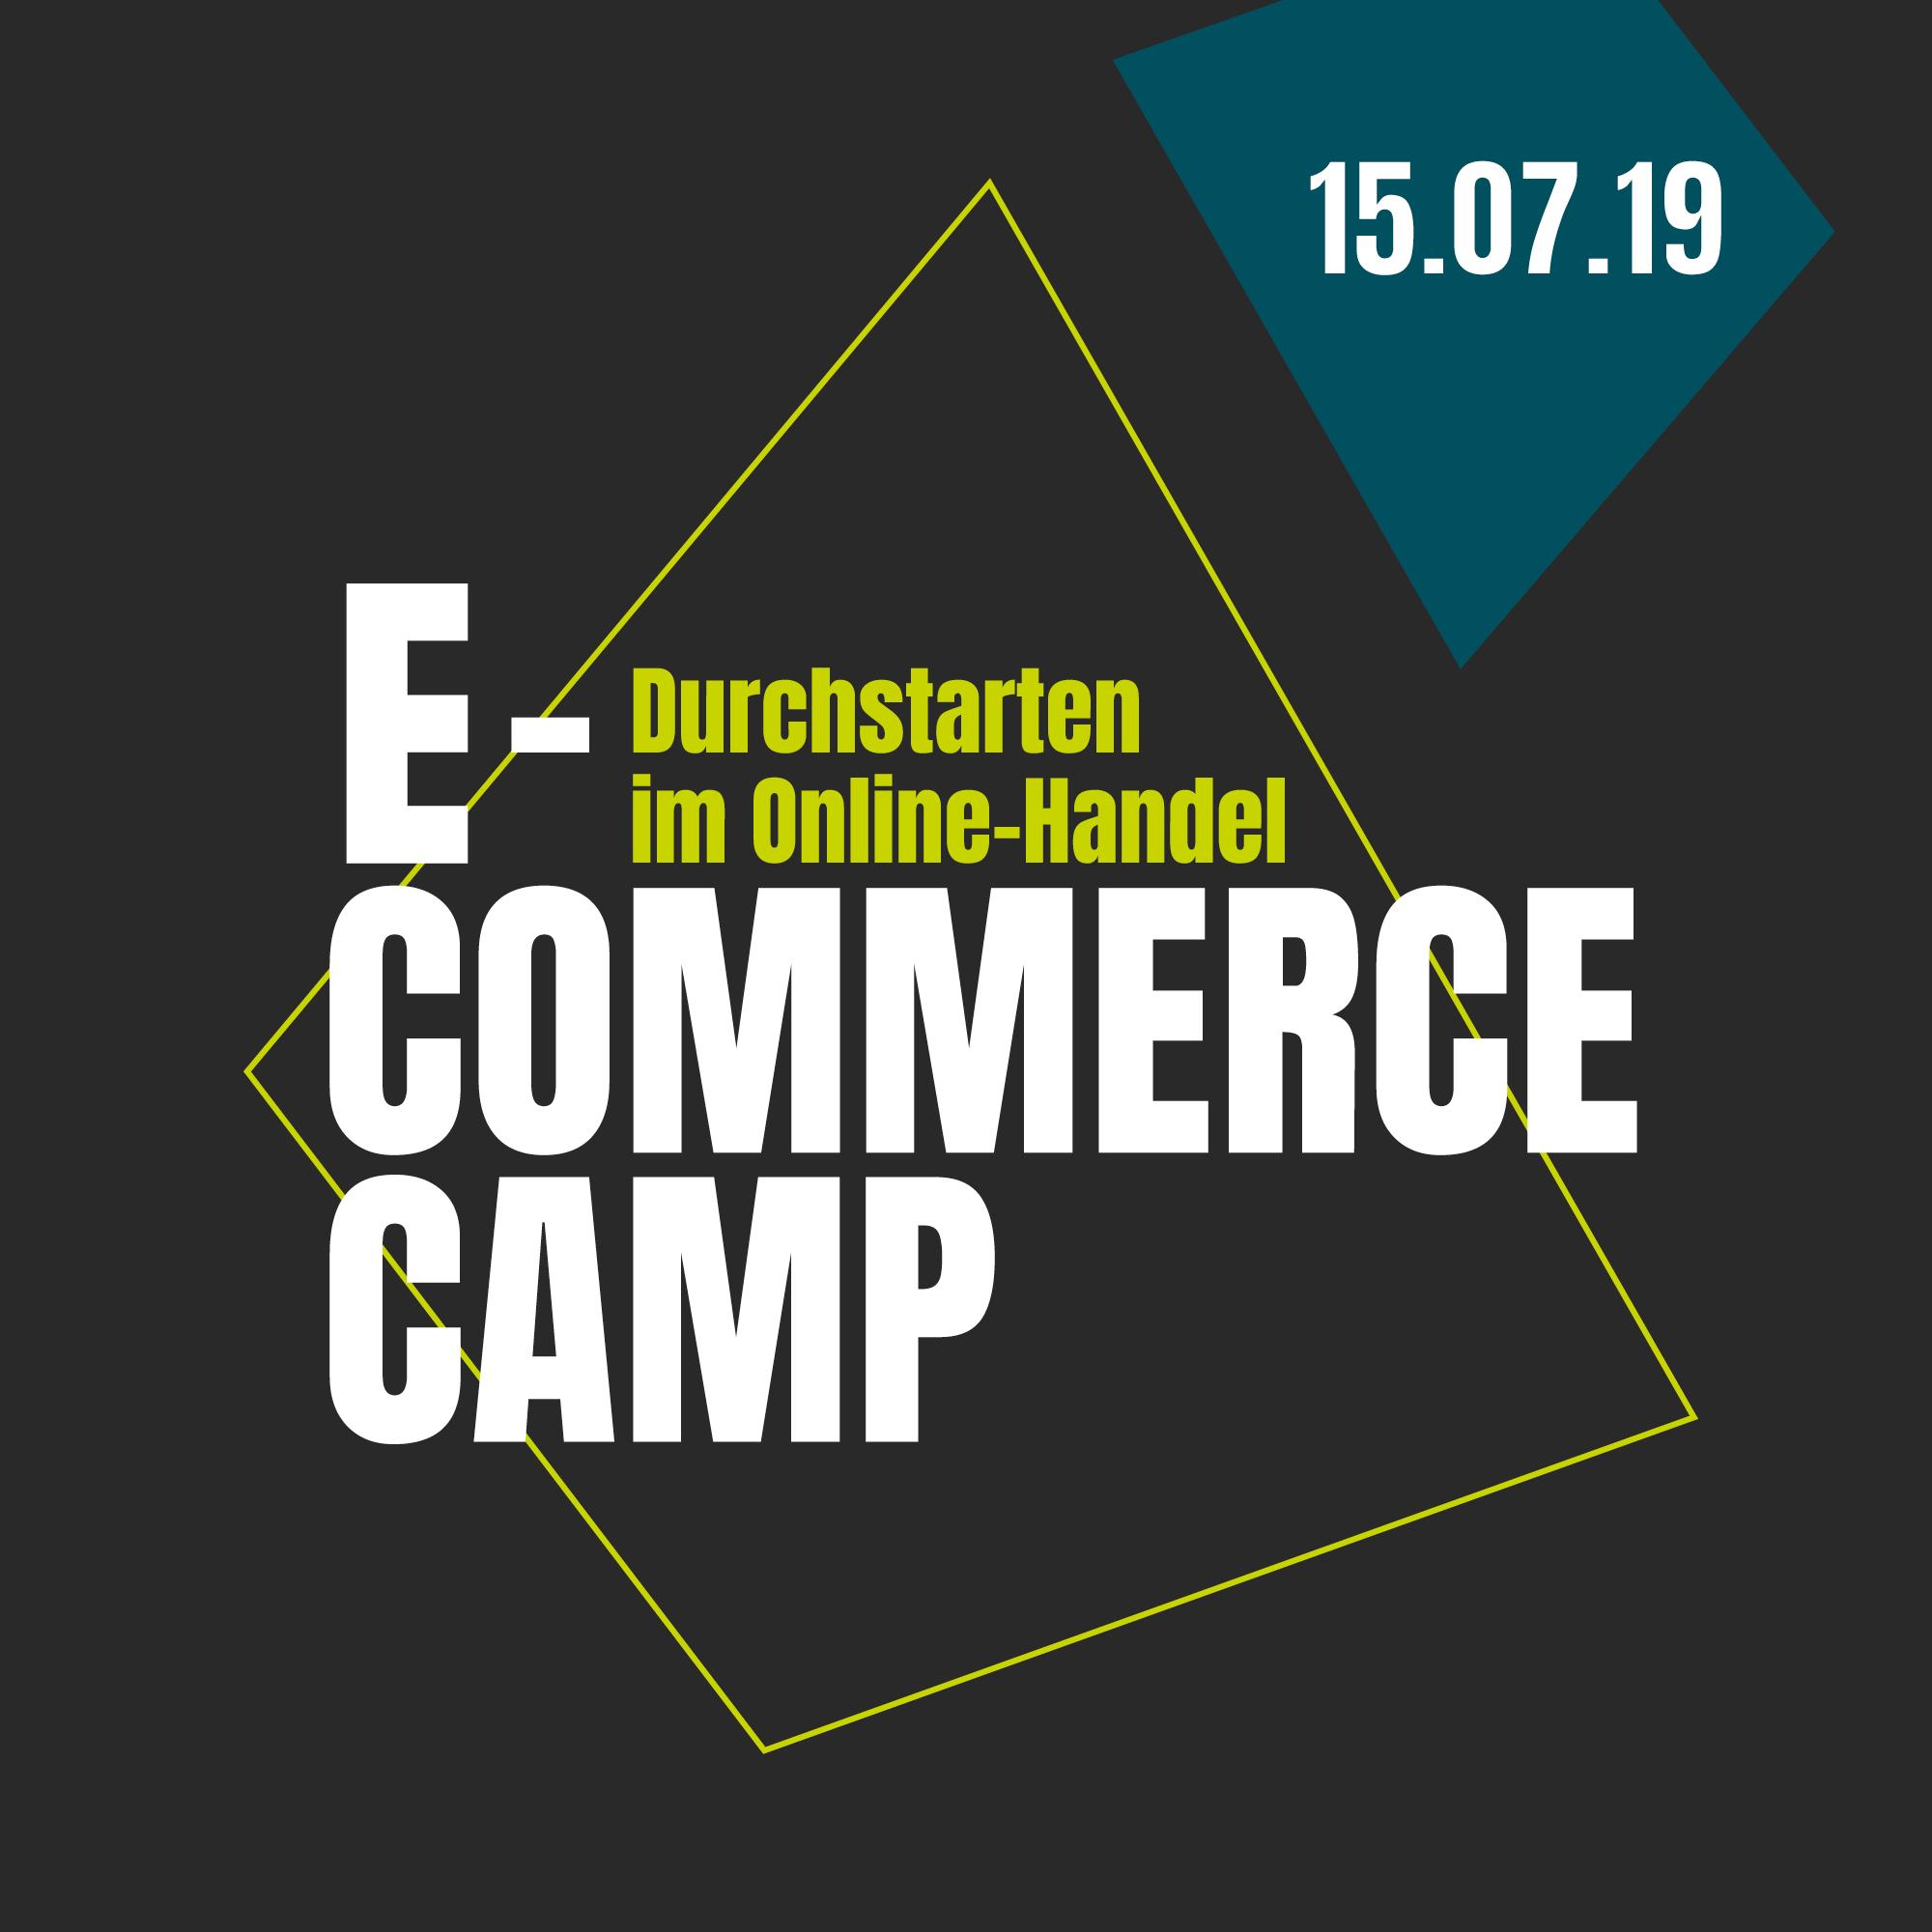 Ecommerce_Camp_Logo_Stoerer